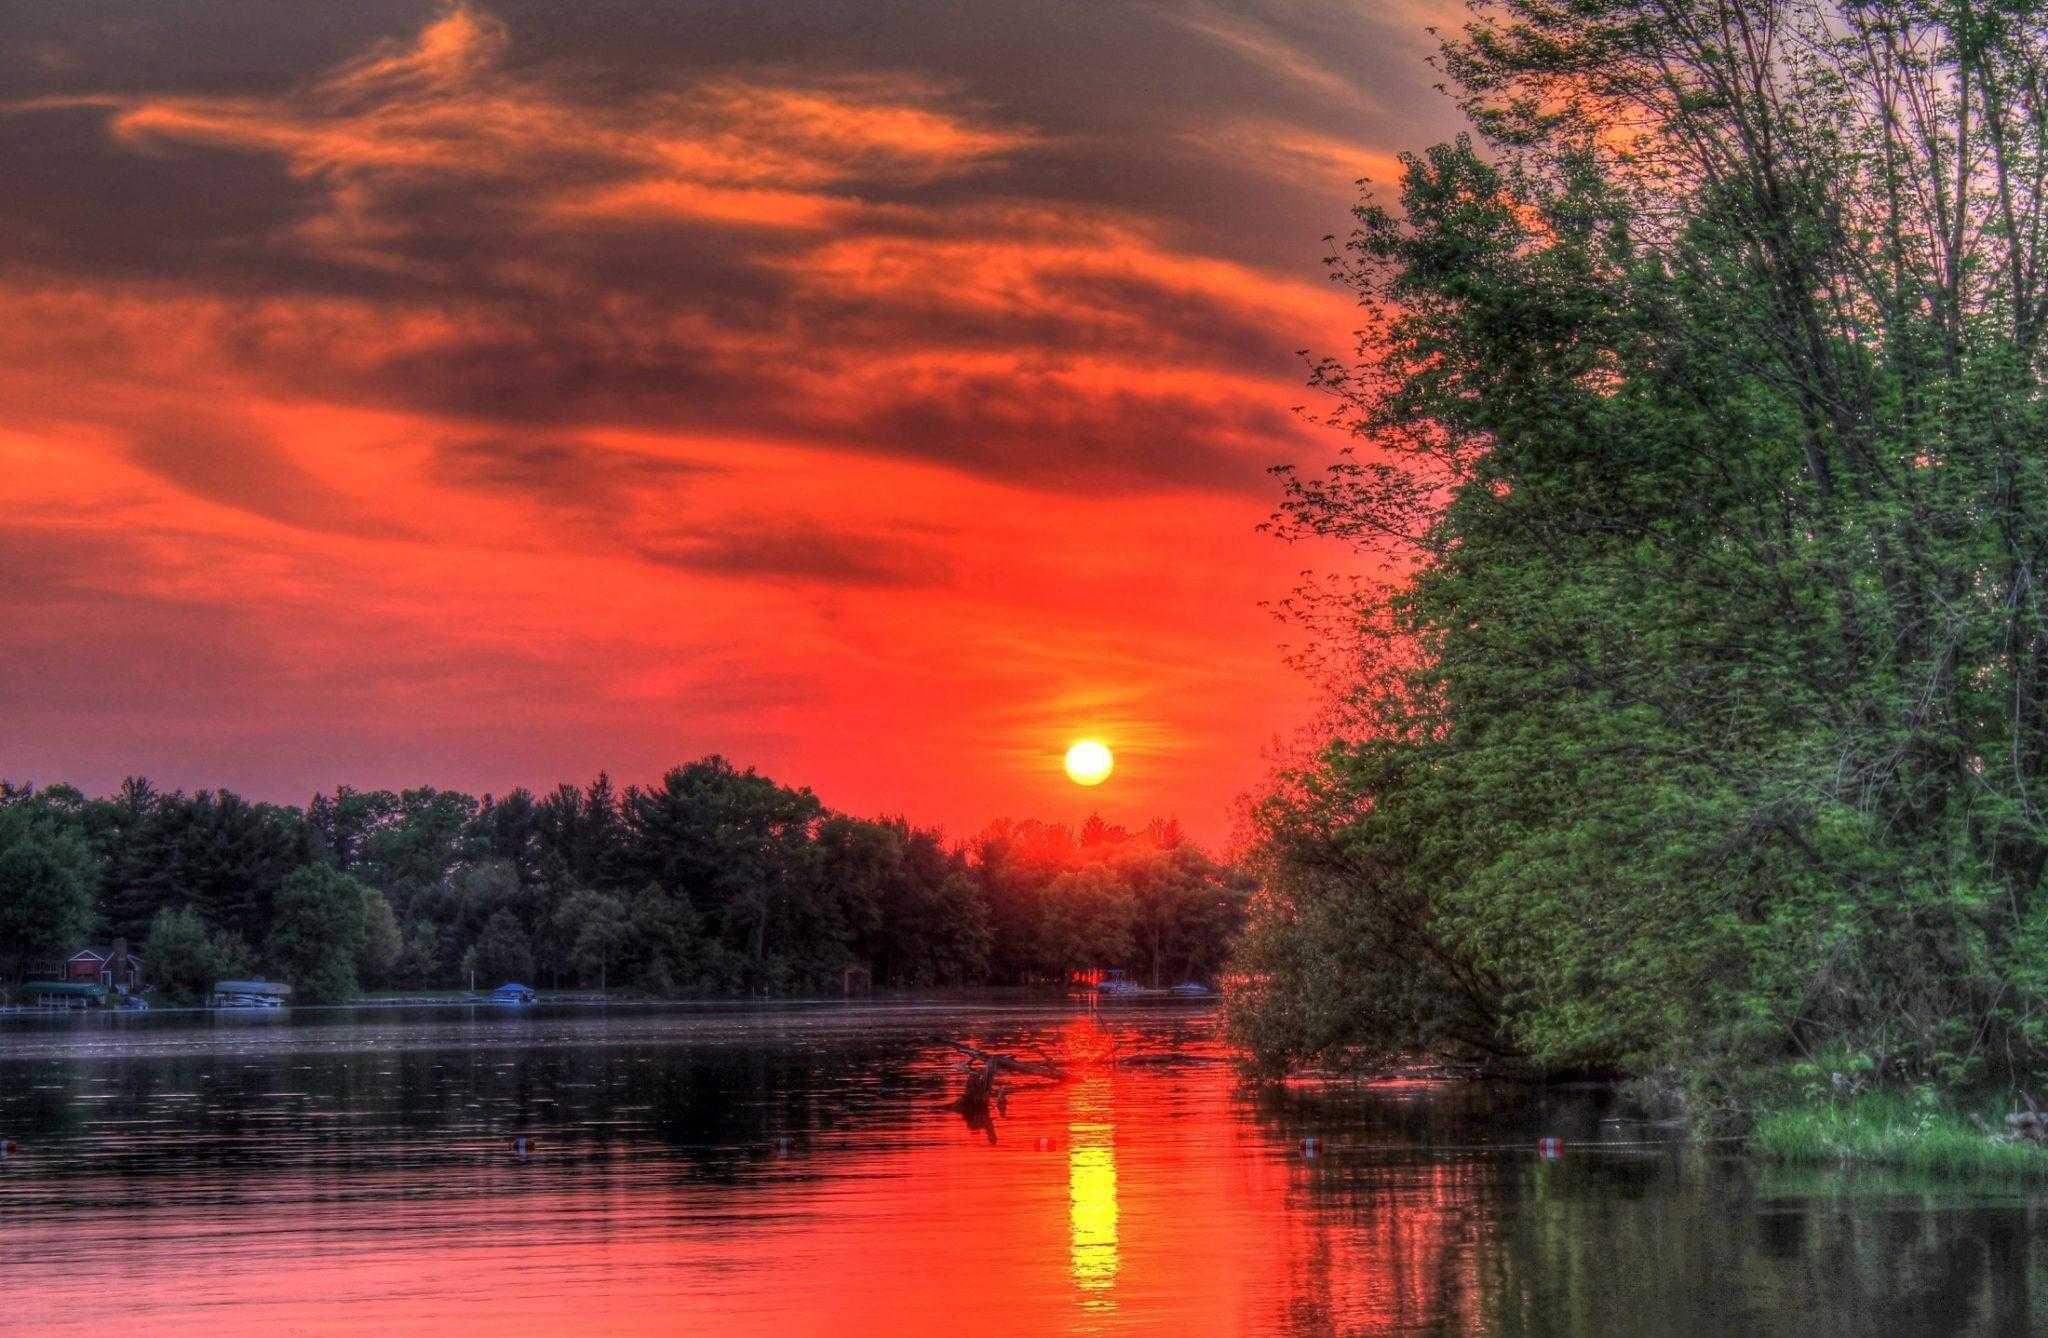 закат, заход солнца, конец дня, отражение, вода, озера, деревья, оранжевый свет